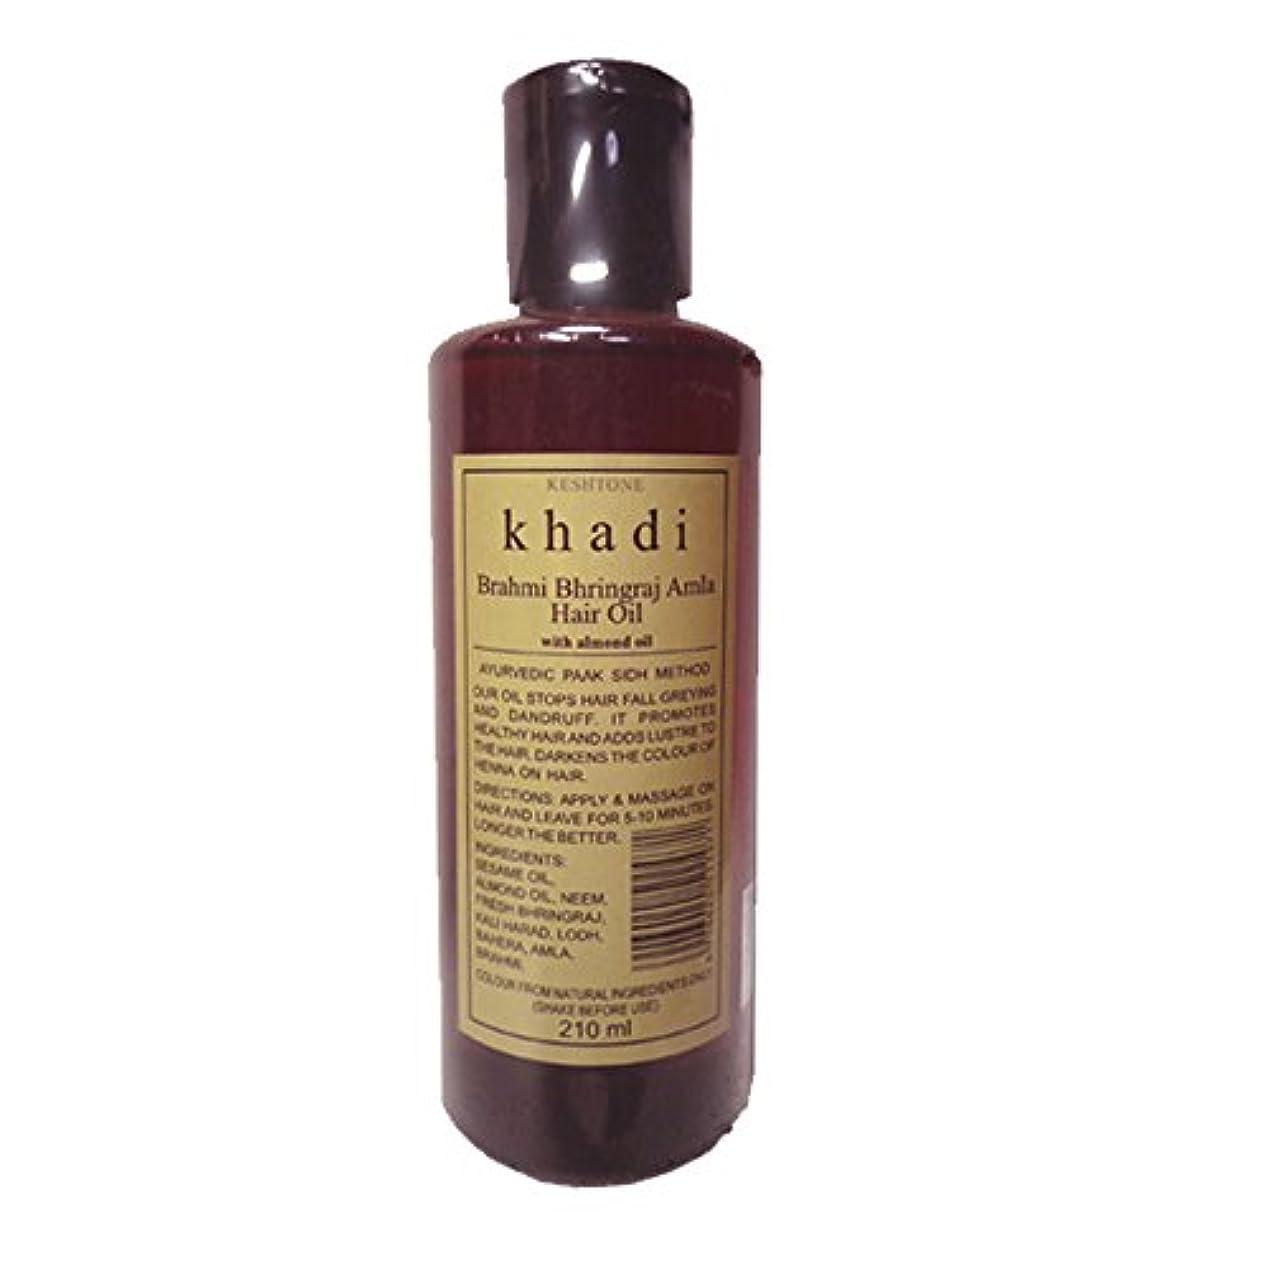 偽物定期的に広範囲に手作り  カーディ ラミ ブリングジ アムラ ヘアオイル KHADI Brahmi Bhringraj Amla Hair Oil with almond oil